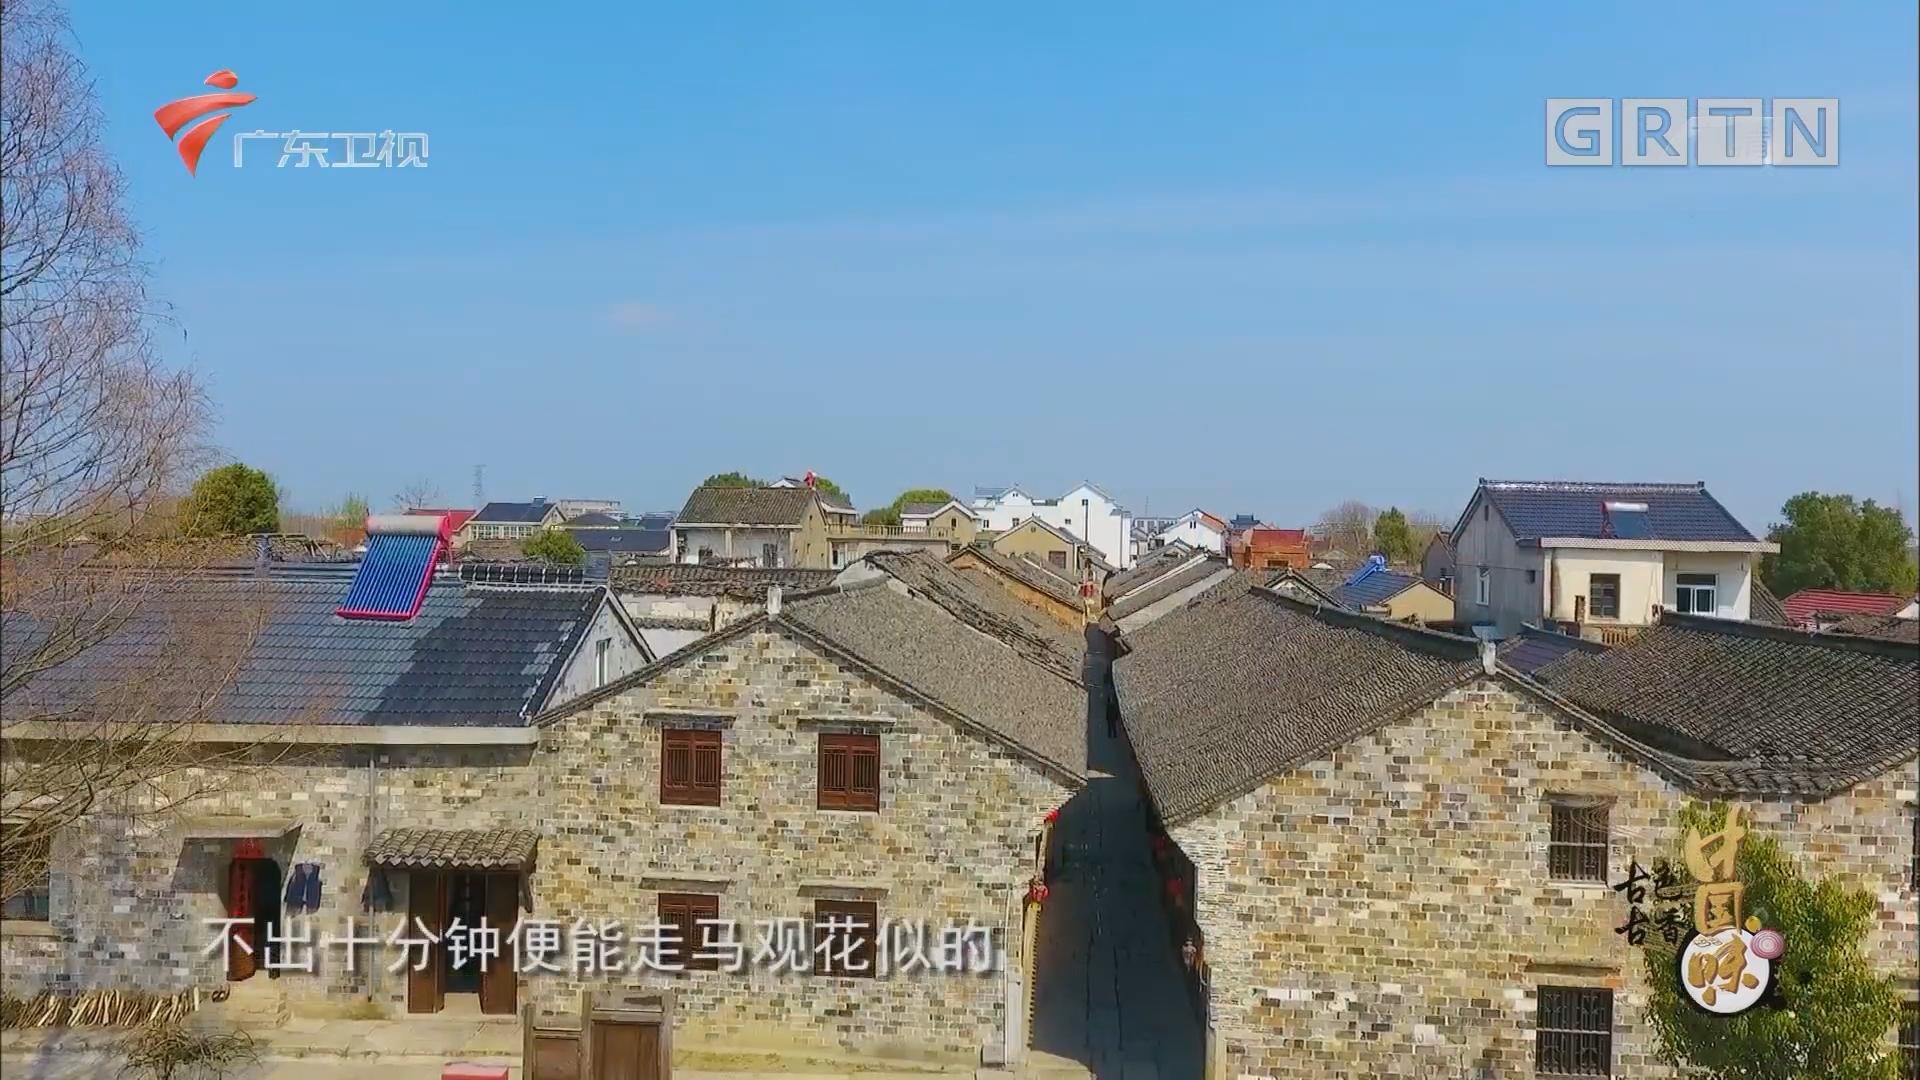 [HD][2019-04-27]古色古香中国味:小巷深处有人家